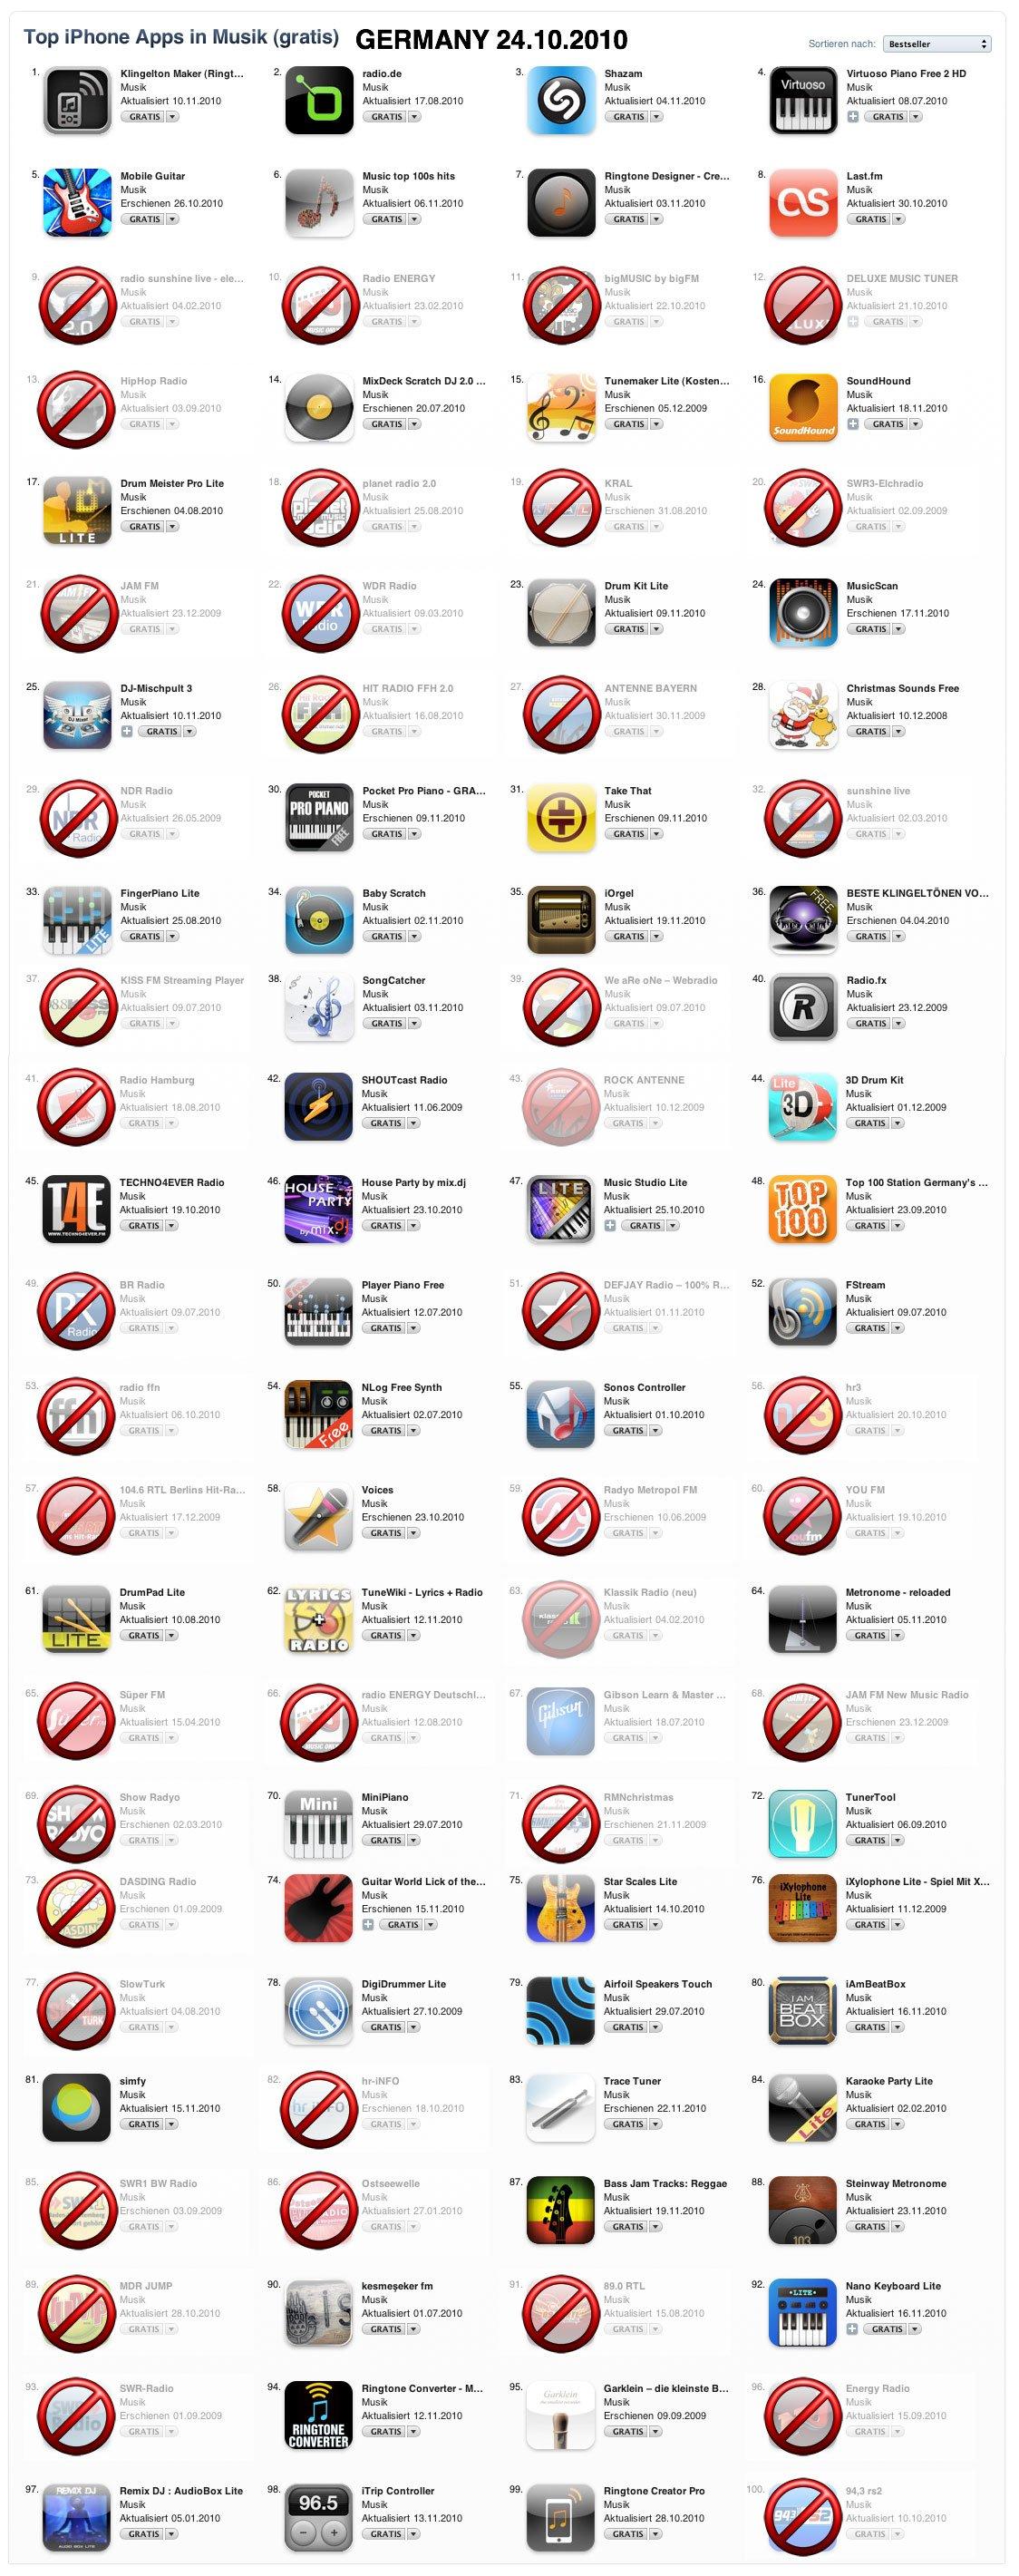 Apple Besttigt Aus Fr Radio Apps Radioszene Itunes 500k Add Funds So Wrde Der Appstore Ohne Aussehen